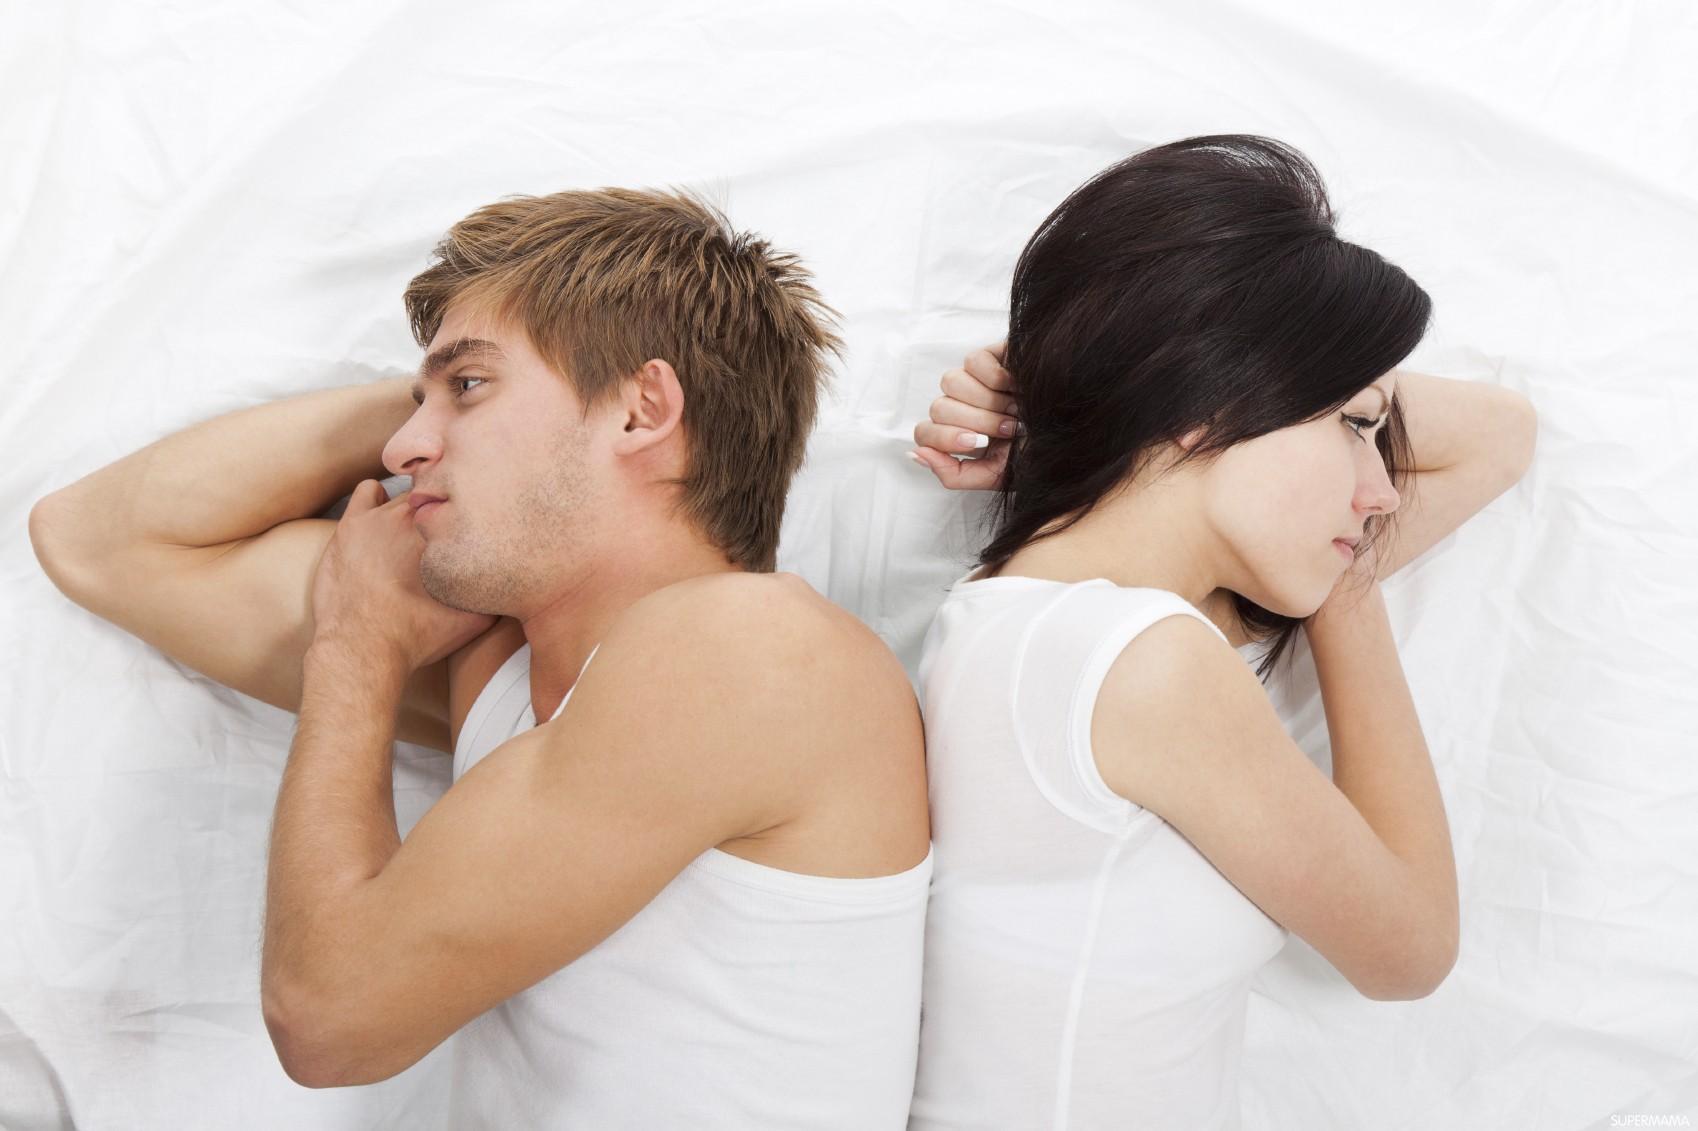 35993bfa6 لا ترغبين في العلاقة الحميمية الآن: كيف تخبرين زوجك؟ | سوبر ماما